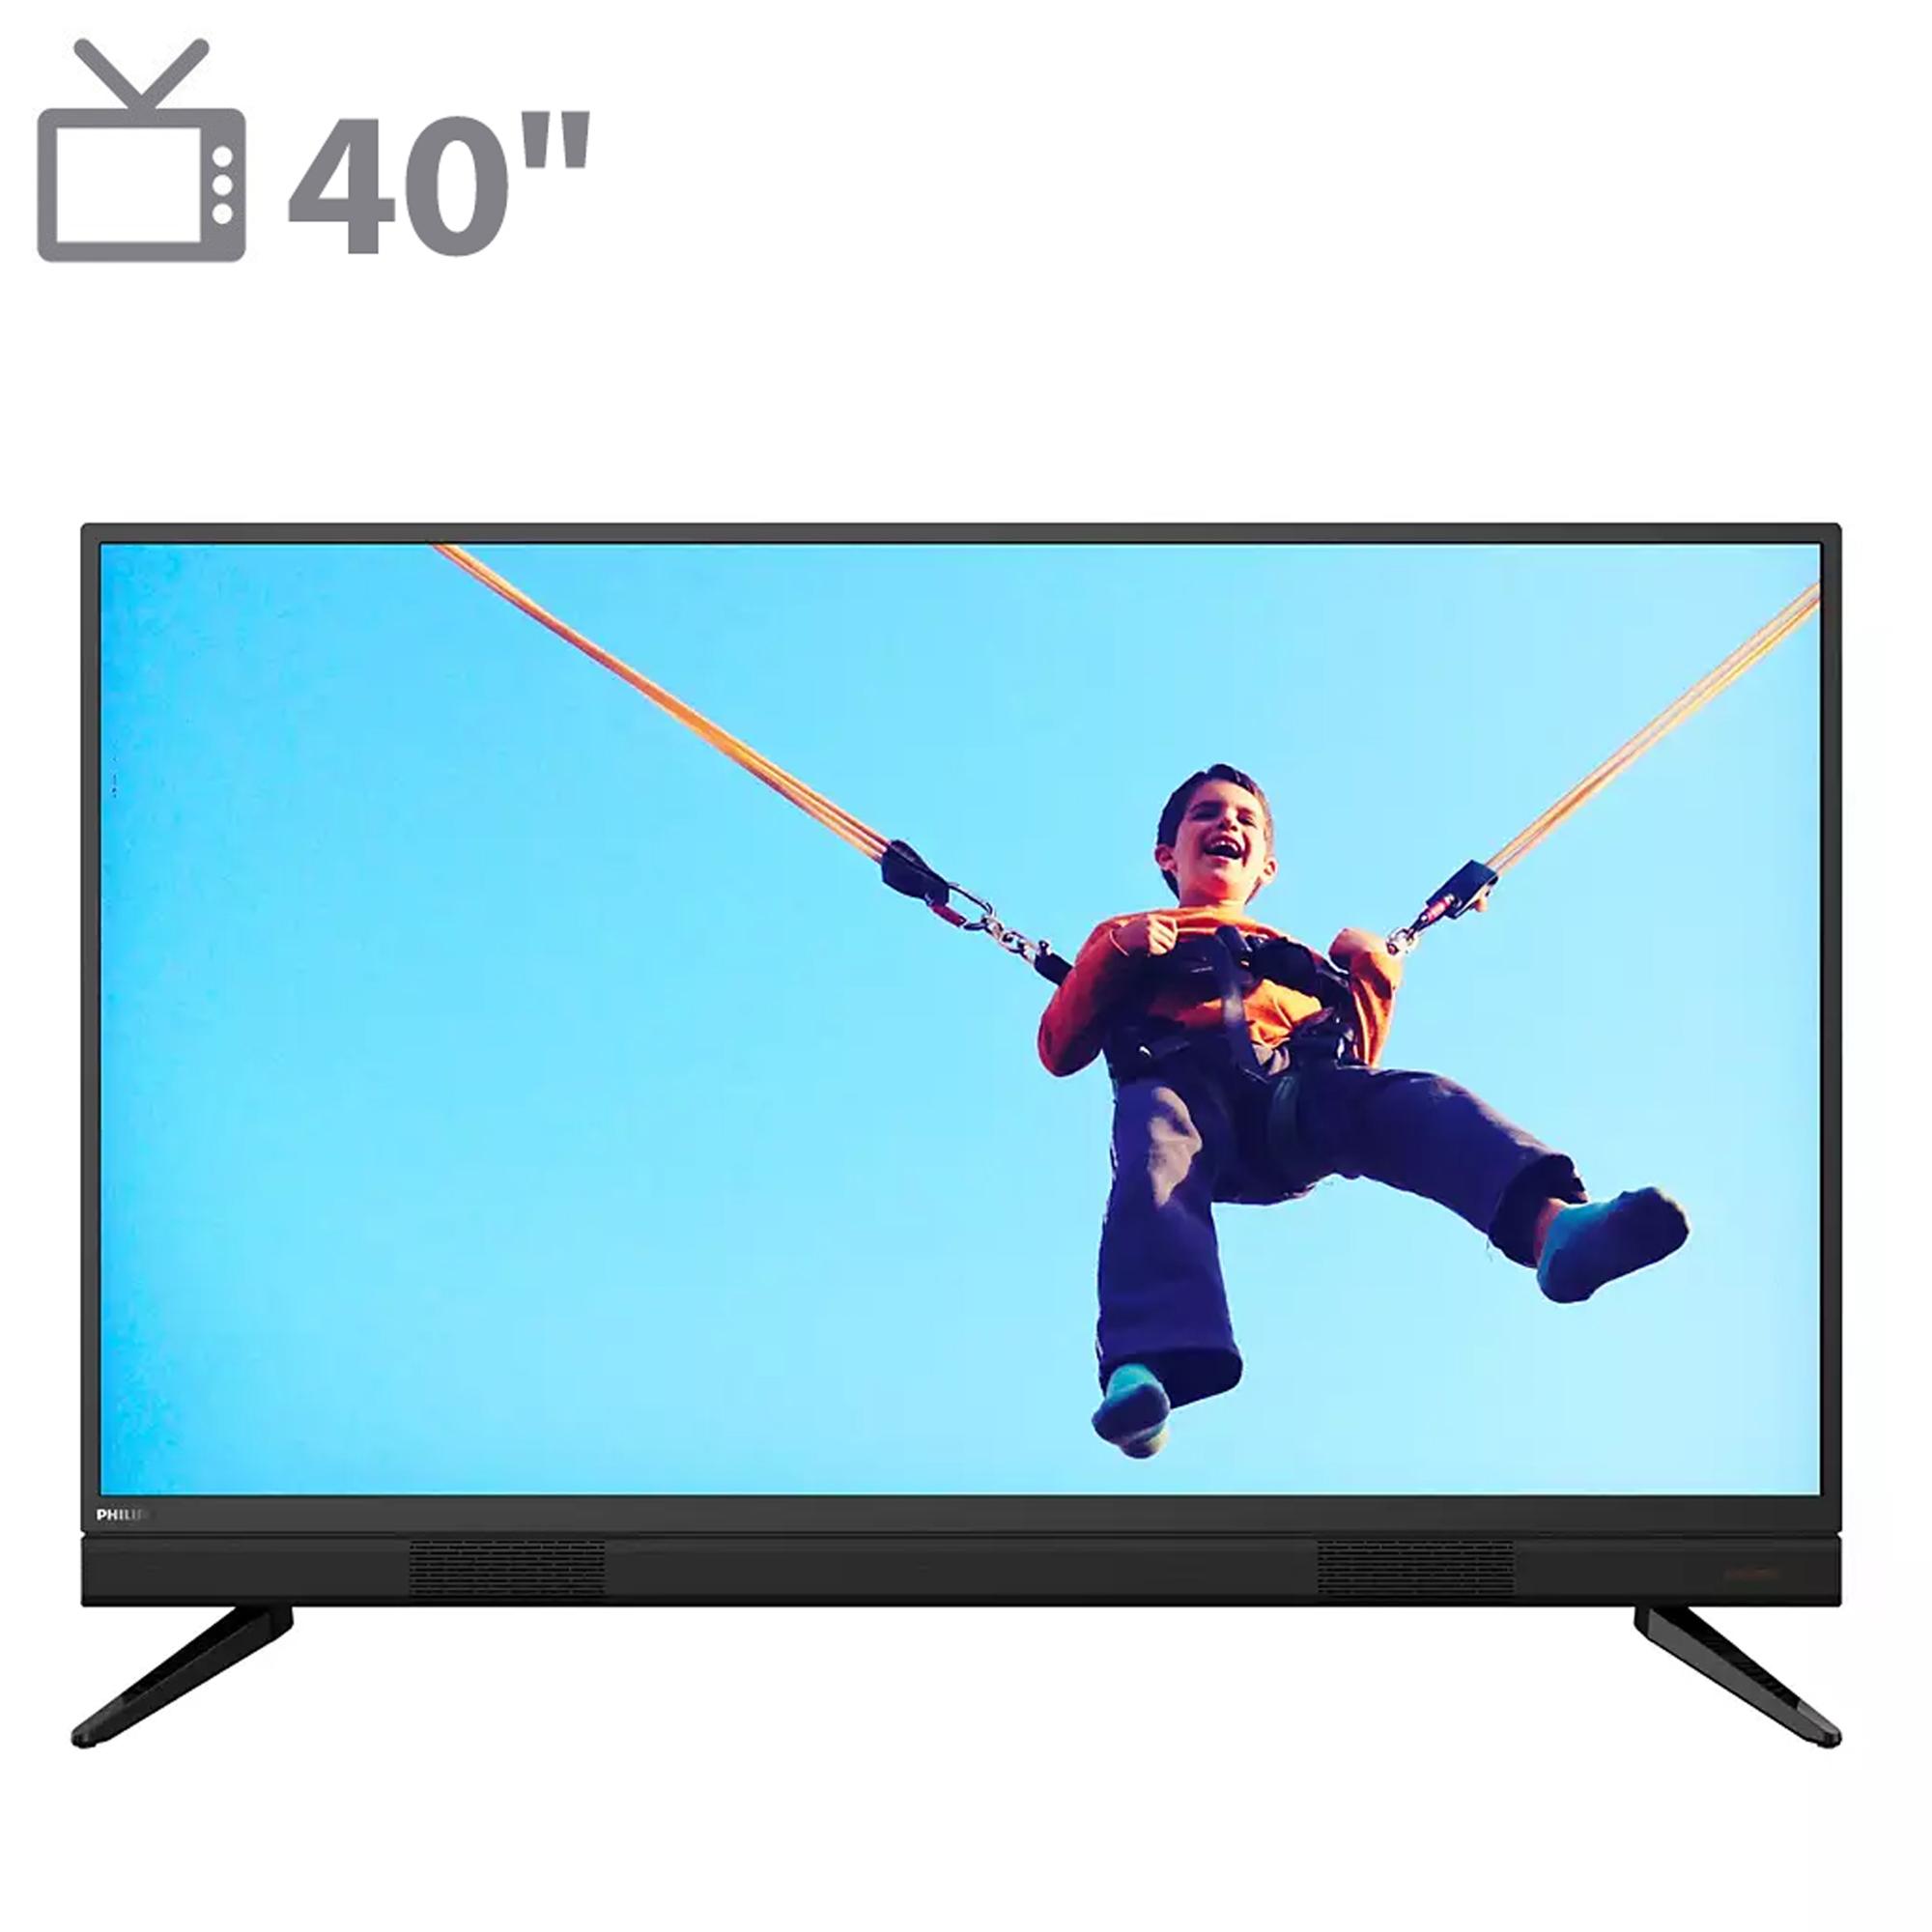 فروش نقدی و اقساطی تلویزیون ال ای دی فیلیپس مدل 40PFT5583 سایز 40 اینچ